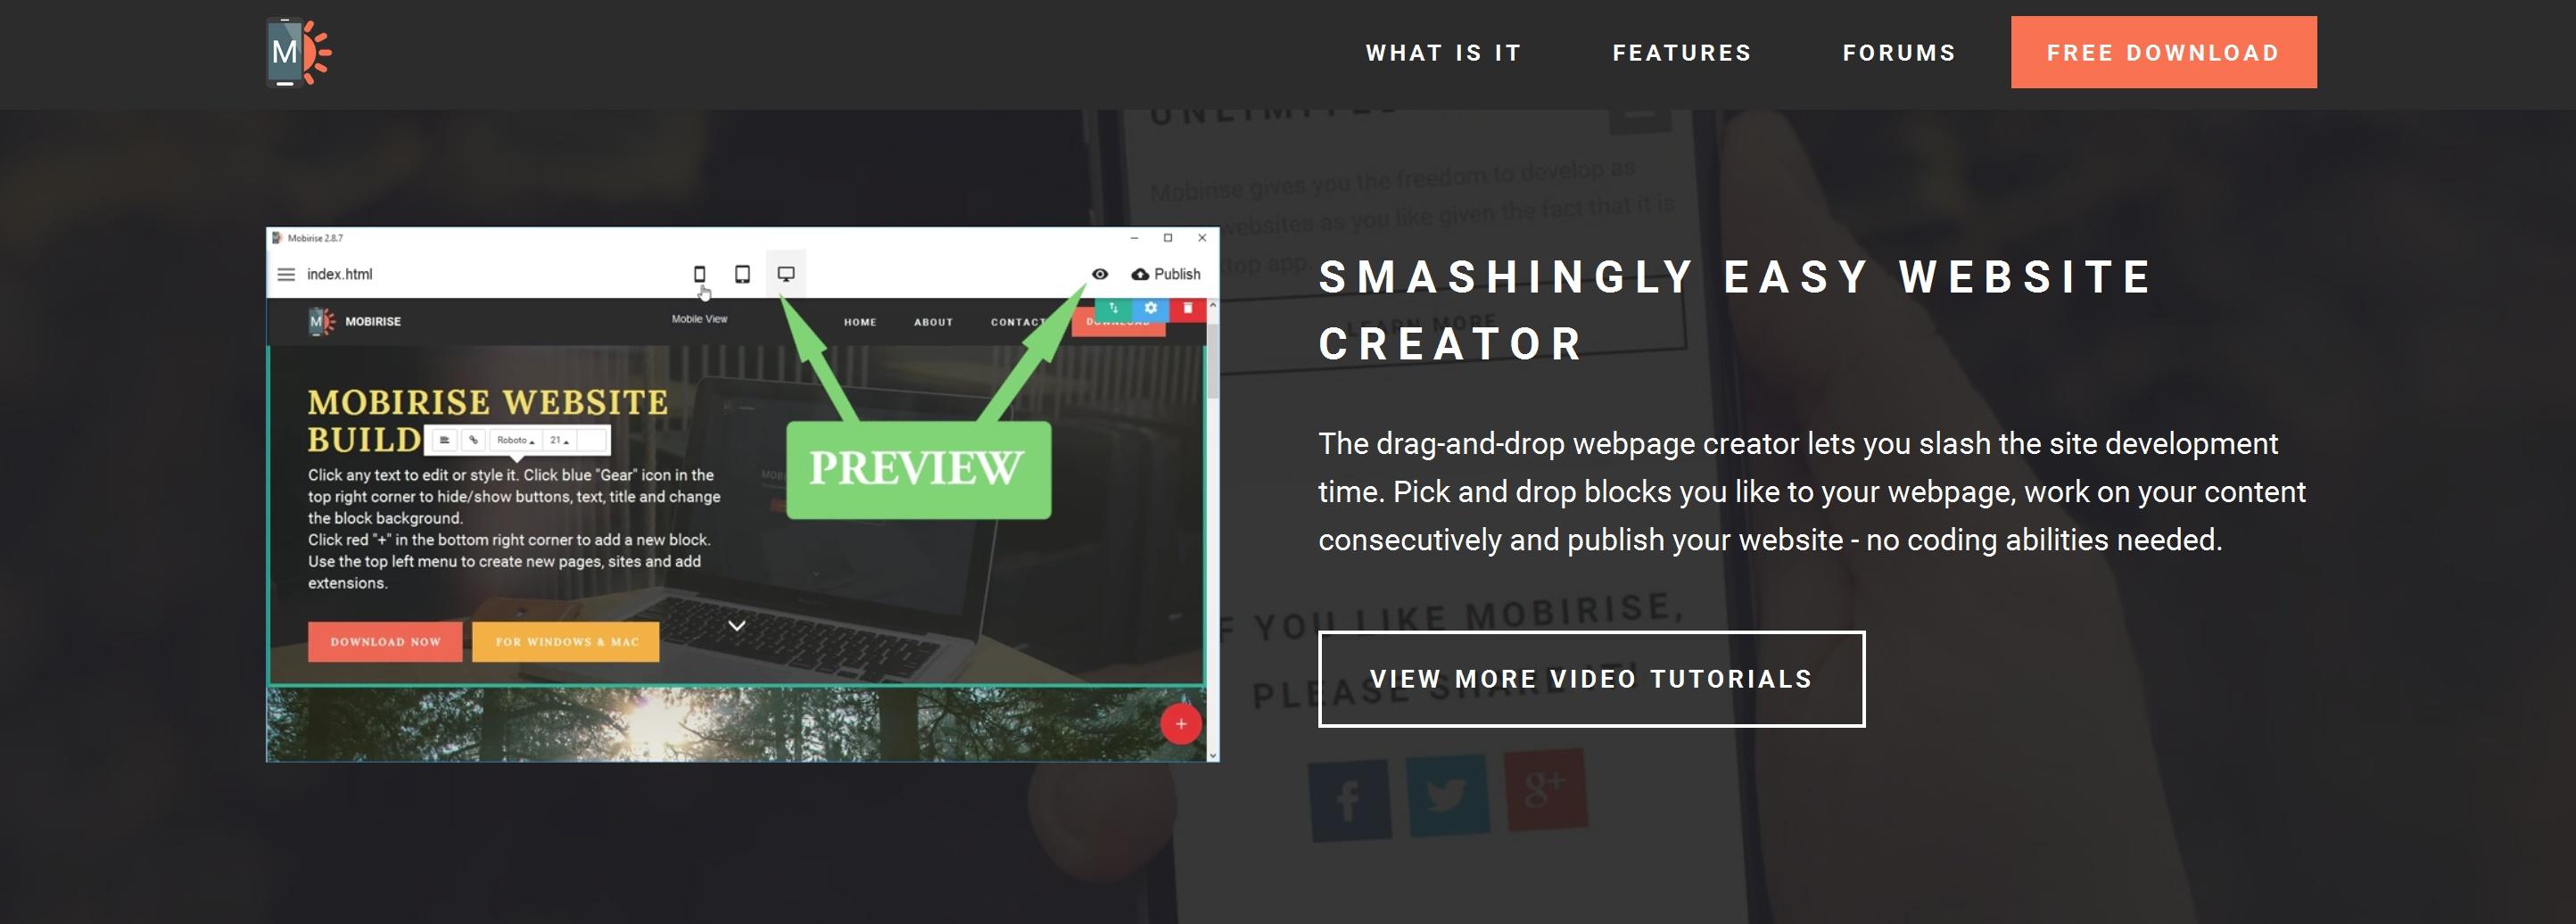 Responsive Easy Website Creator